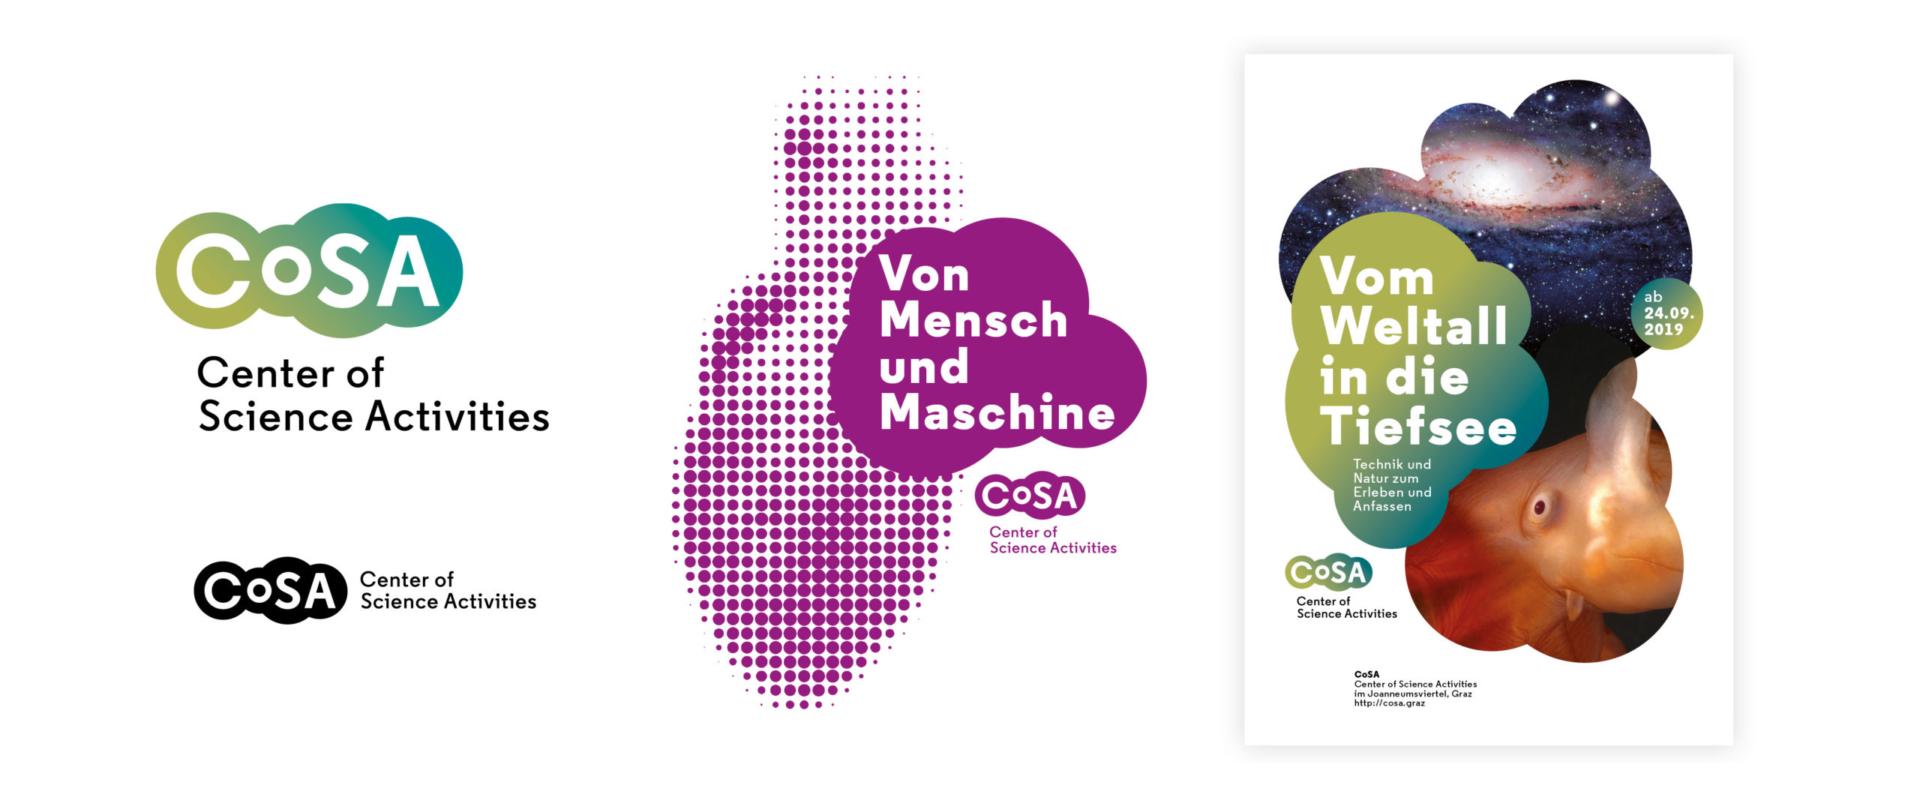 LOOK_CoSA_CenterofScienceActivities_Leitsystem_web_CorporateDesign_c_Harald Niessner